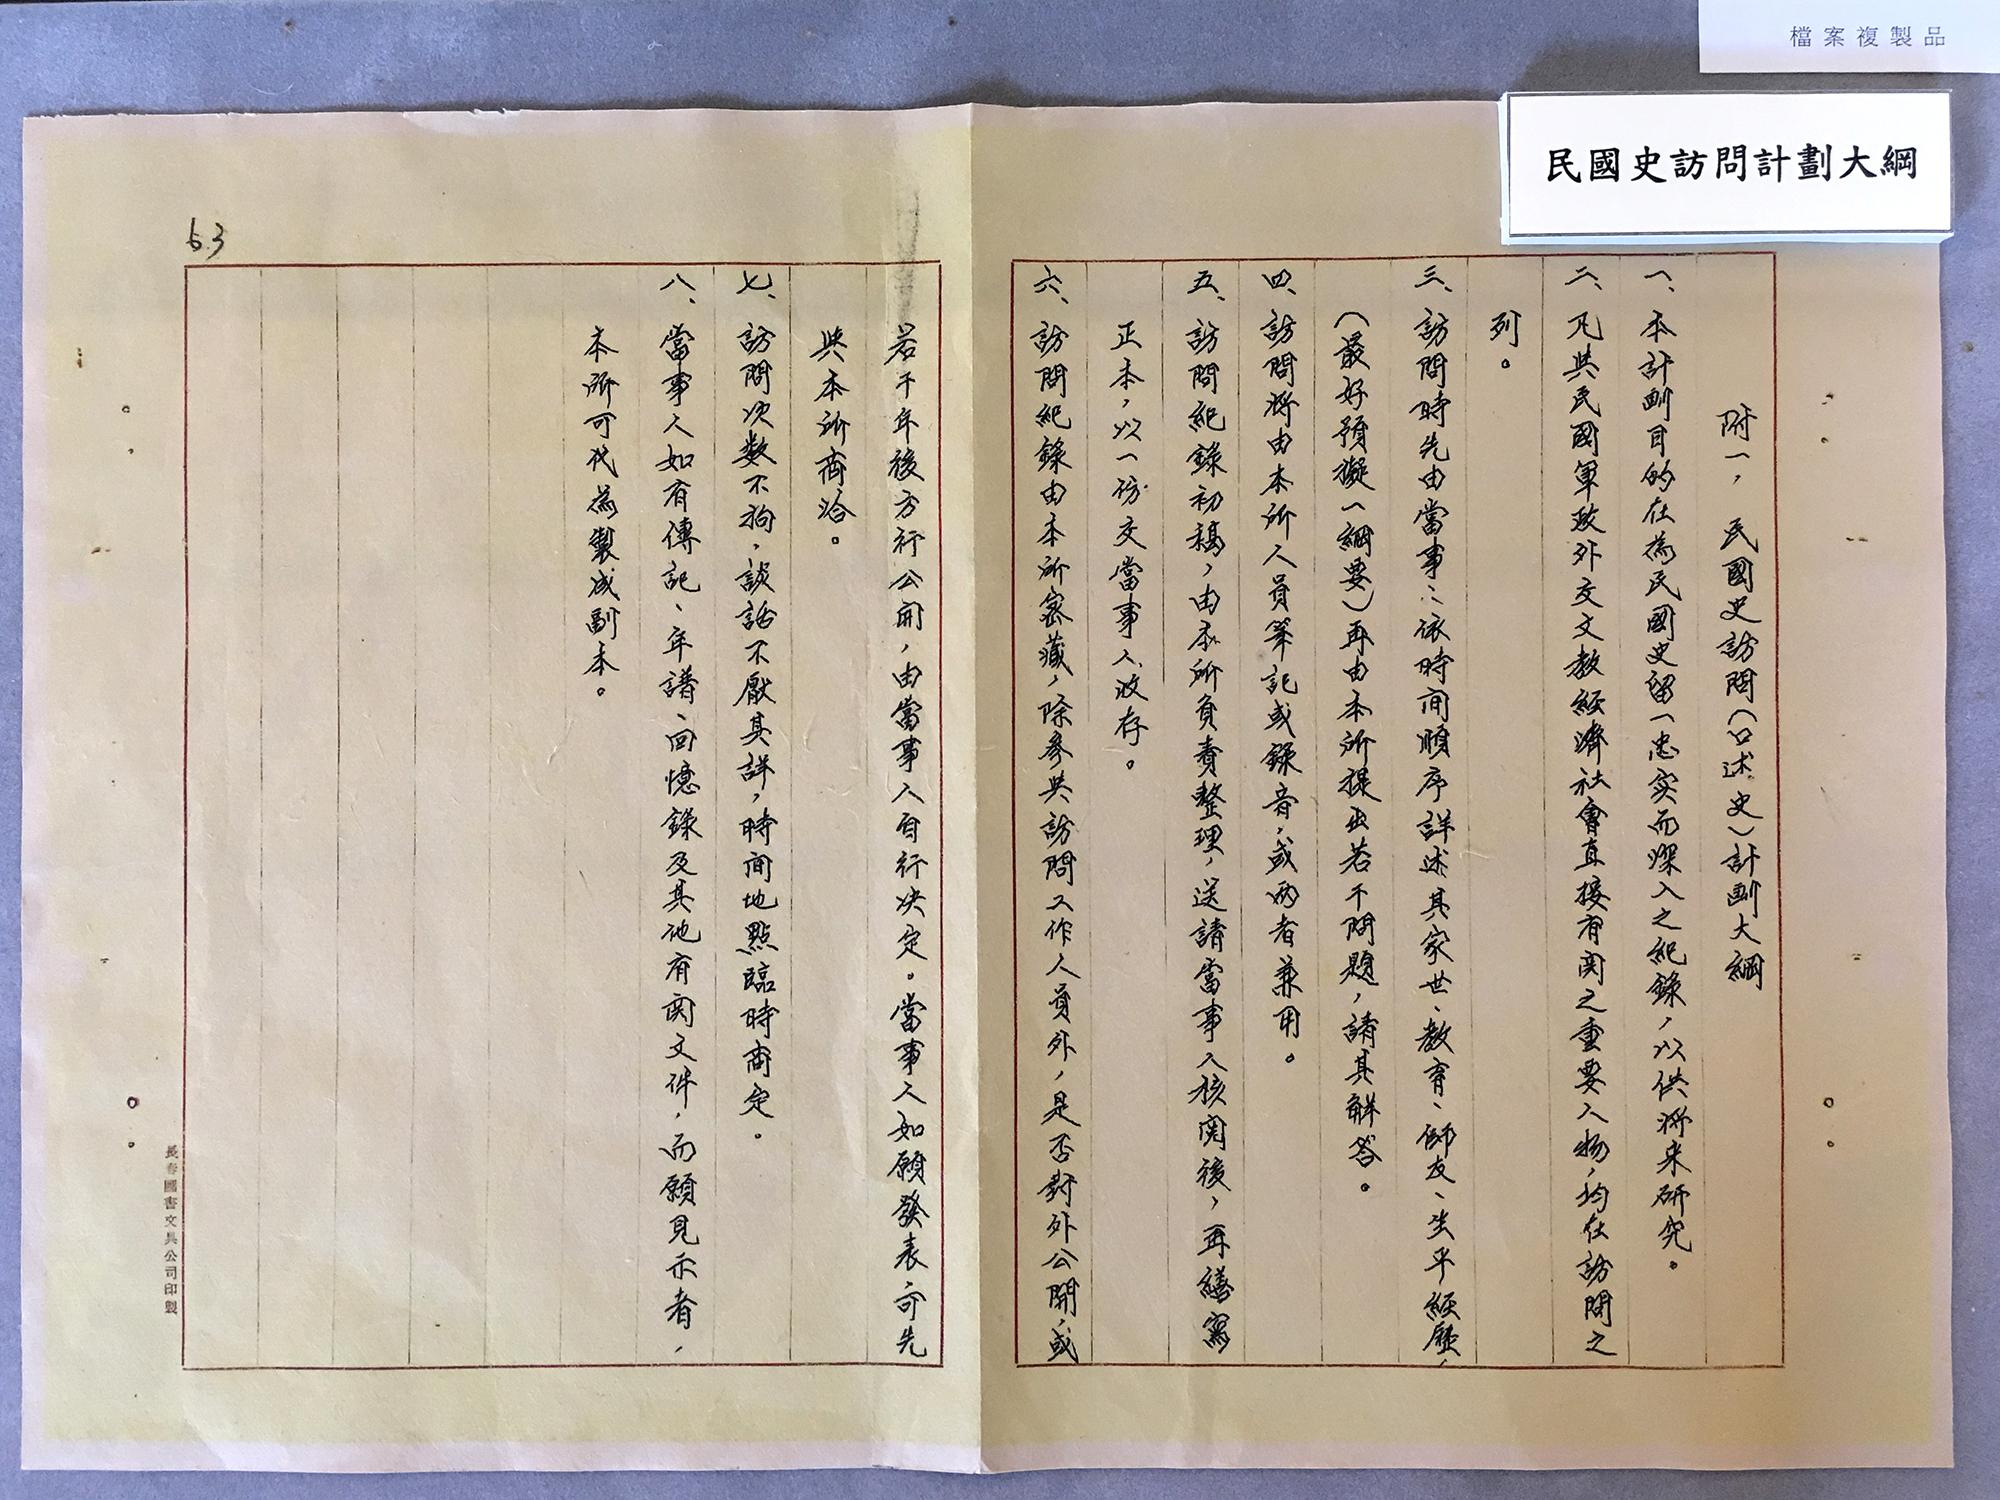 民國 48 年,中研院近史所籌備處展開「口述歷史」計畫,這是當時的「民國史訪問計劃大綱」文件。圖│研之有物